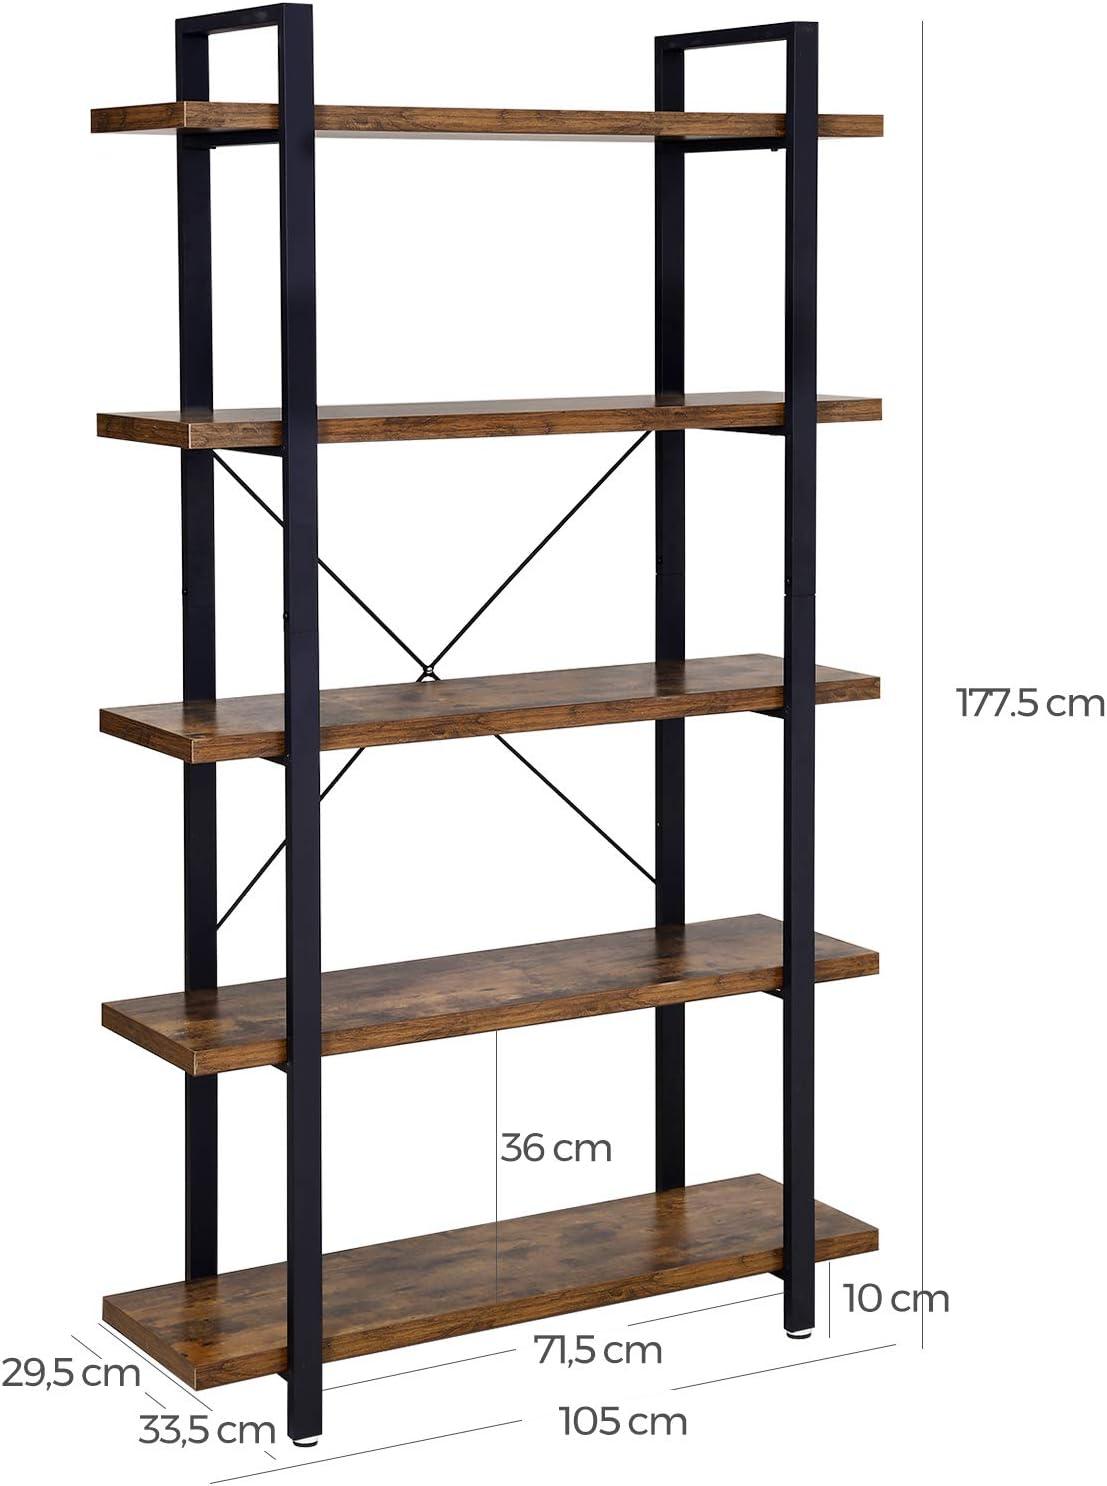 Greige e Nero LLS055B02 VASAGLE Libreria a 5 Ripiani Scaffale in Stile Industriale Facile da Montare Portaoggetti Stabile Ufficio per Soggiorno Camera da Letto